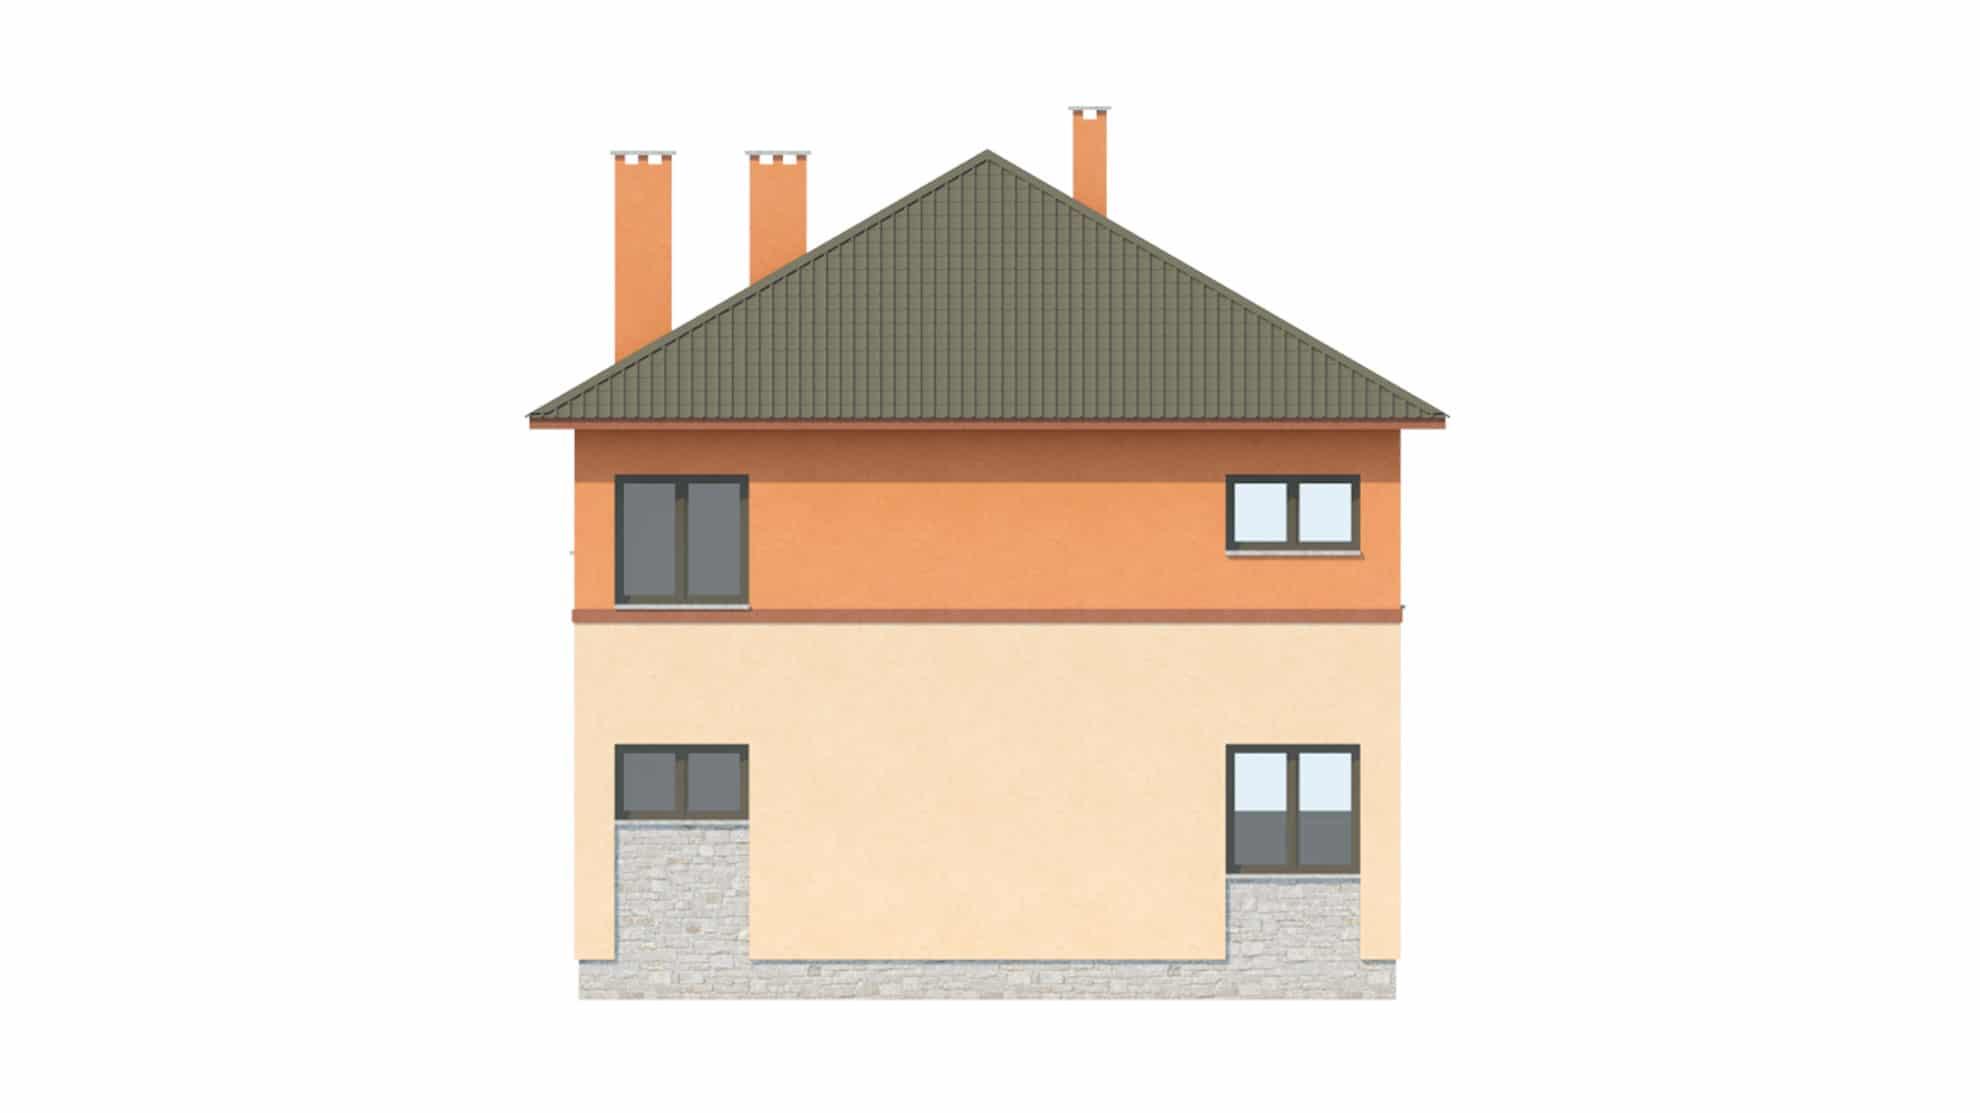 Фасад двухэтажного дома с подвалом и верандой «КД-19» - сзади